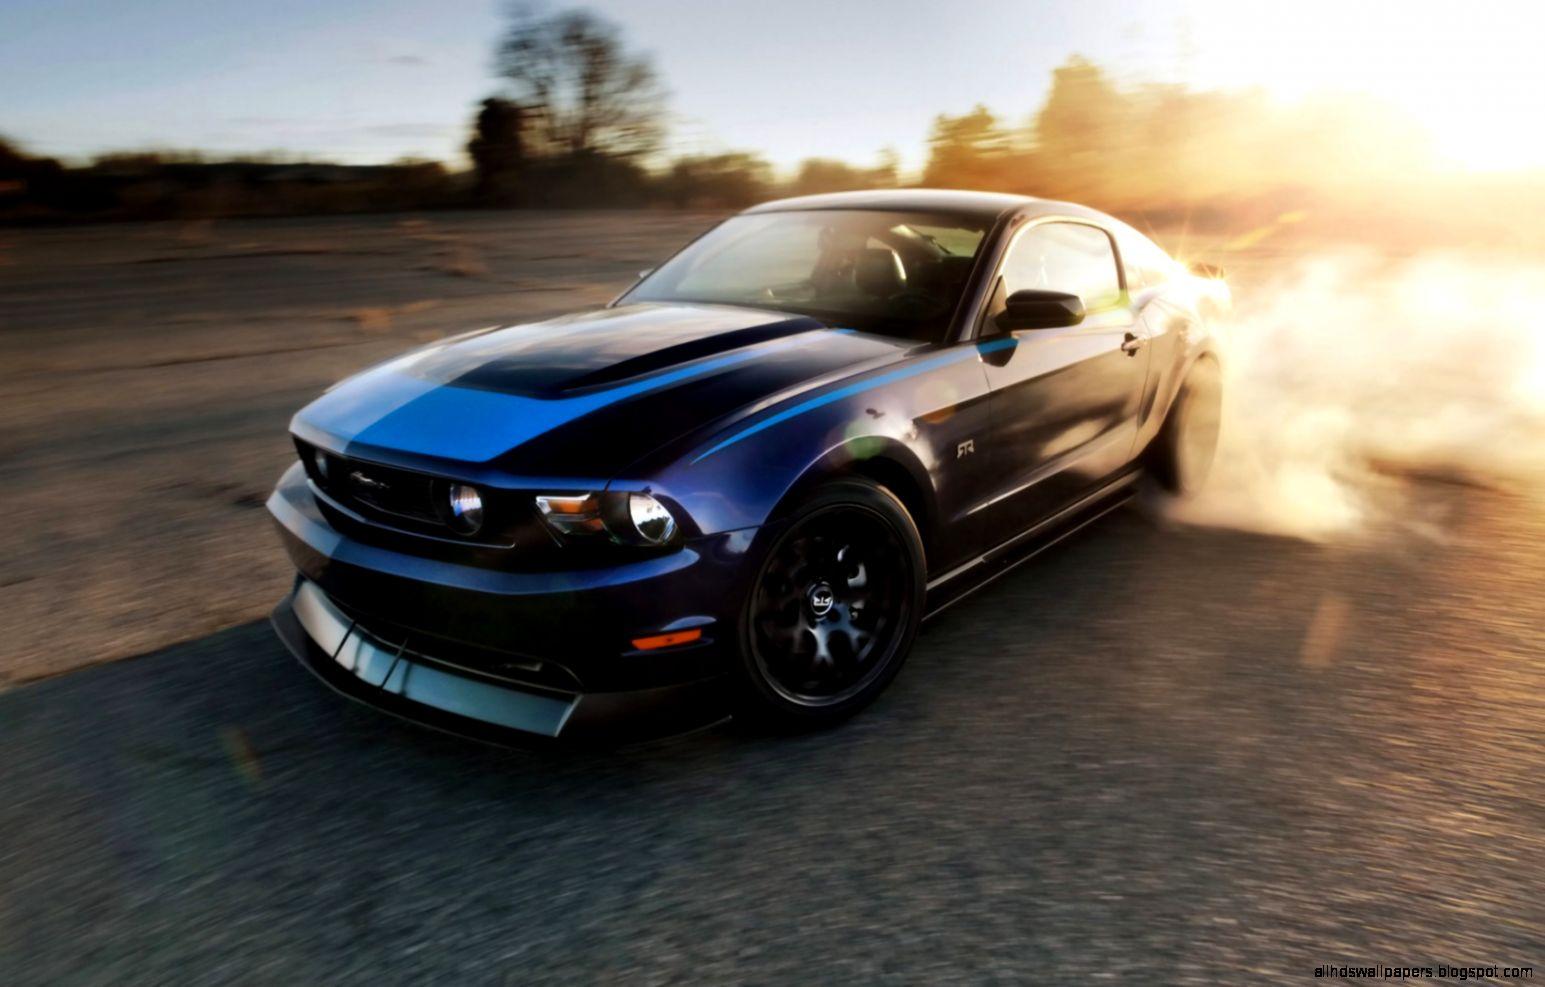 Ford mustang cars drifting wallpaper all hd wallpapers - Drift car wallpaper ...